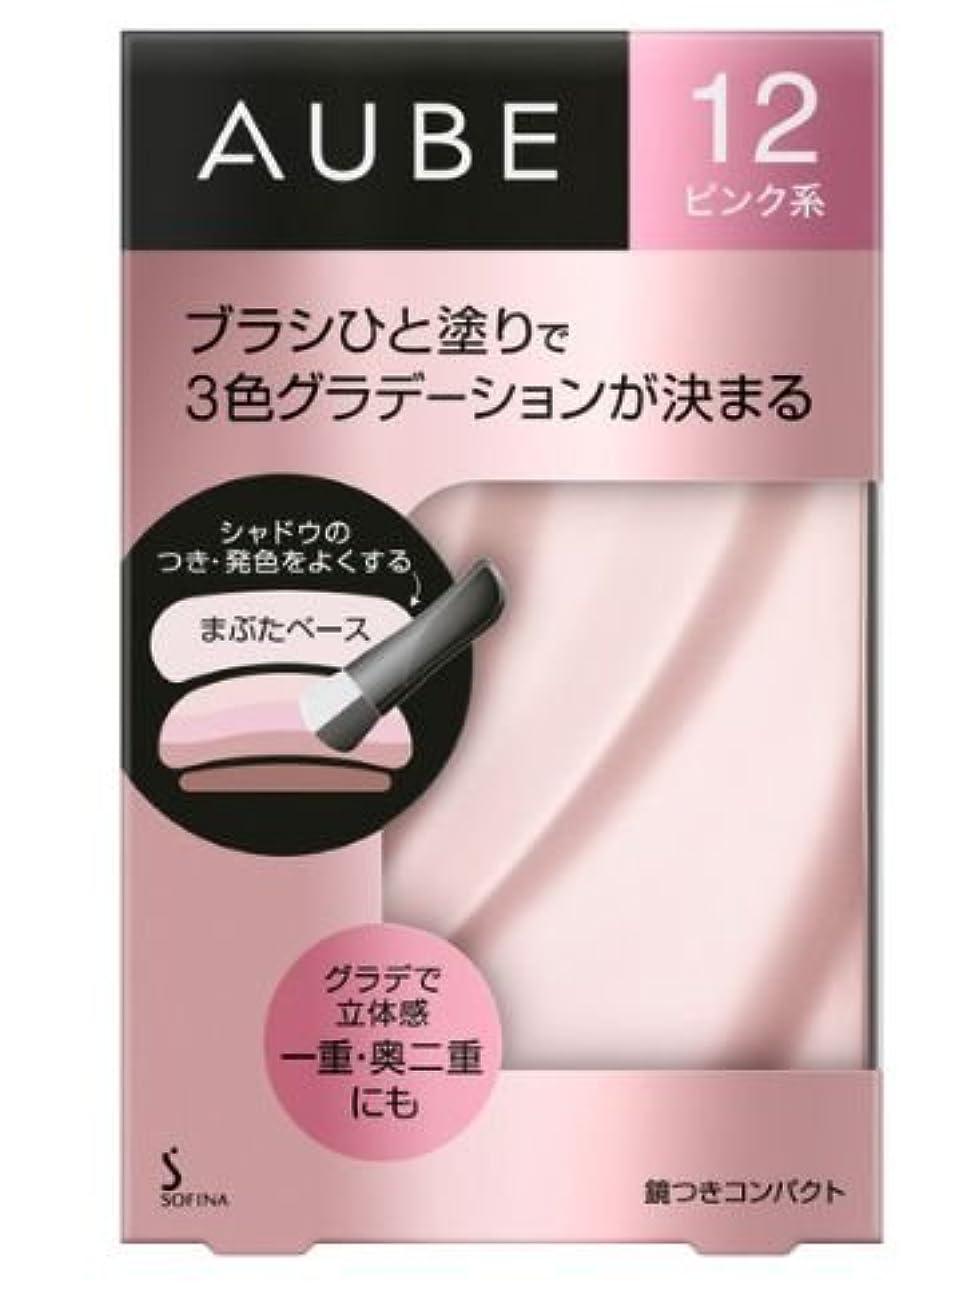 トリプル爆風影響力のあるオーブ ブラシひと塗りシャドウN (12 ピンク系)